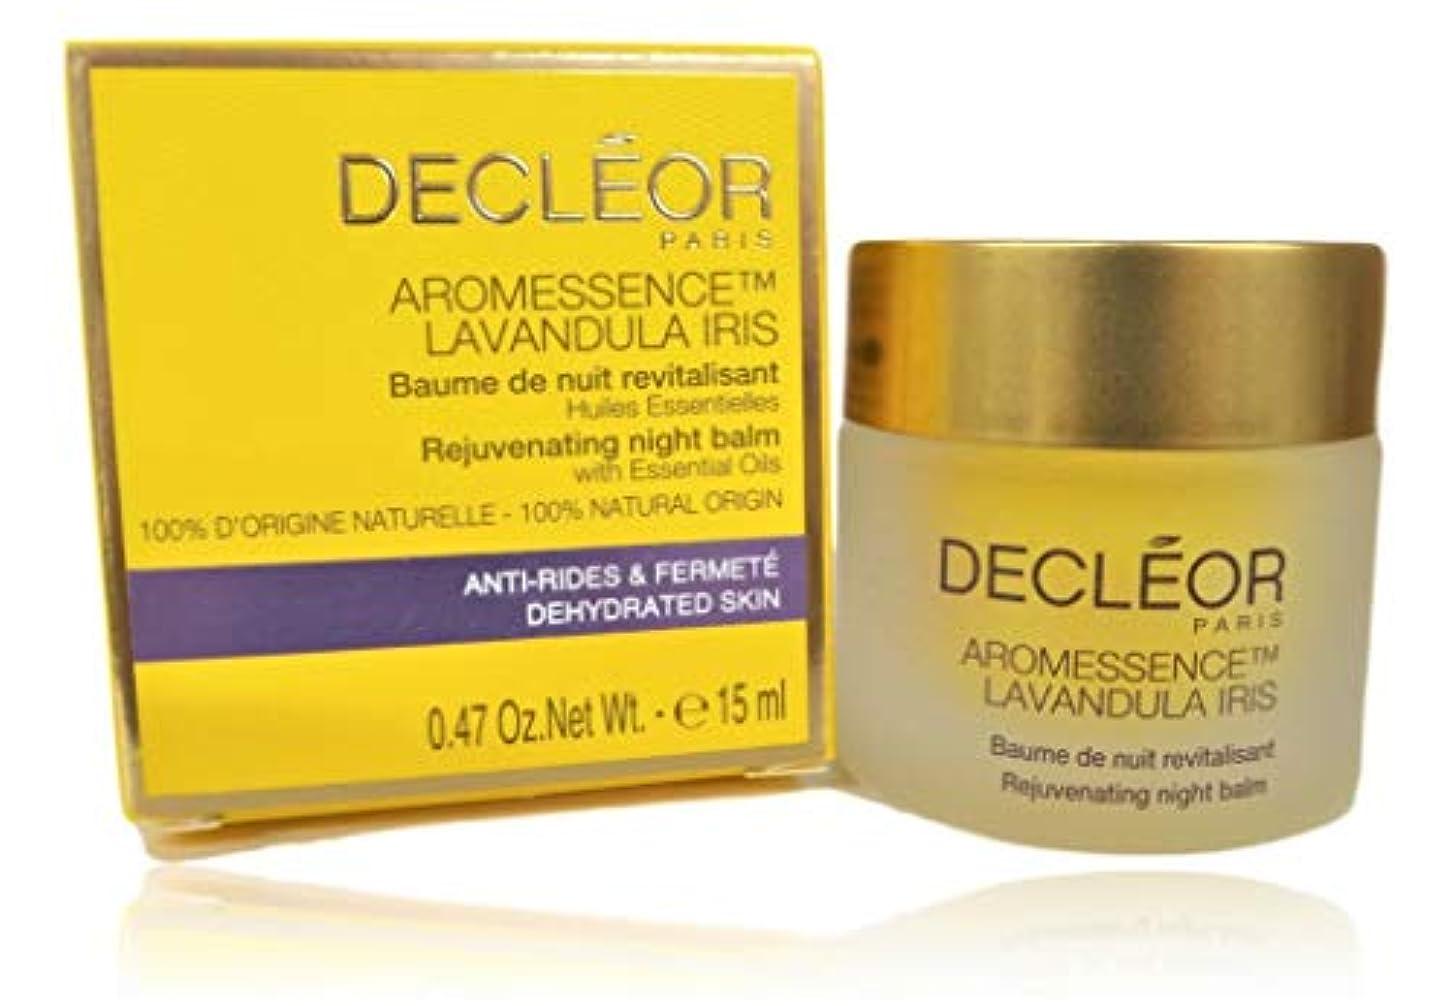 意志称賛吸い込むデクレオール Aromessence Lavandula Iris Rejuvenating Night Balm - For Dehydrated Skin 15ml/0.47oz並行輸入品